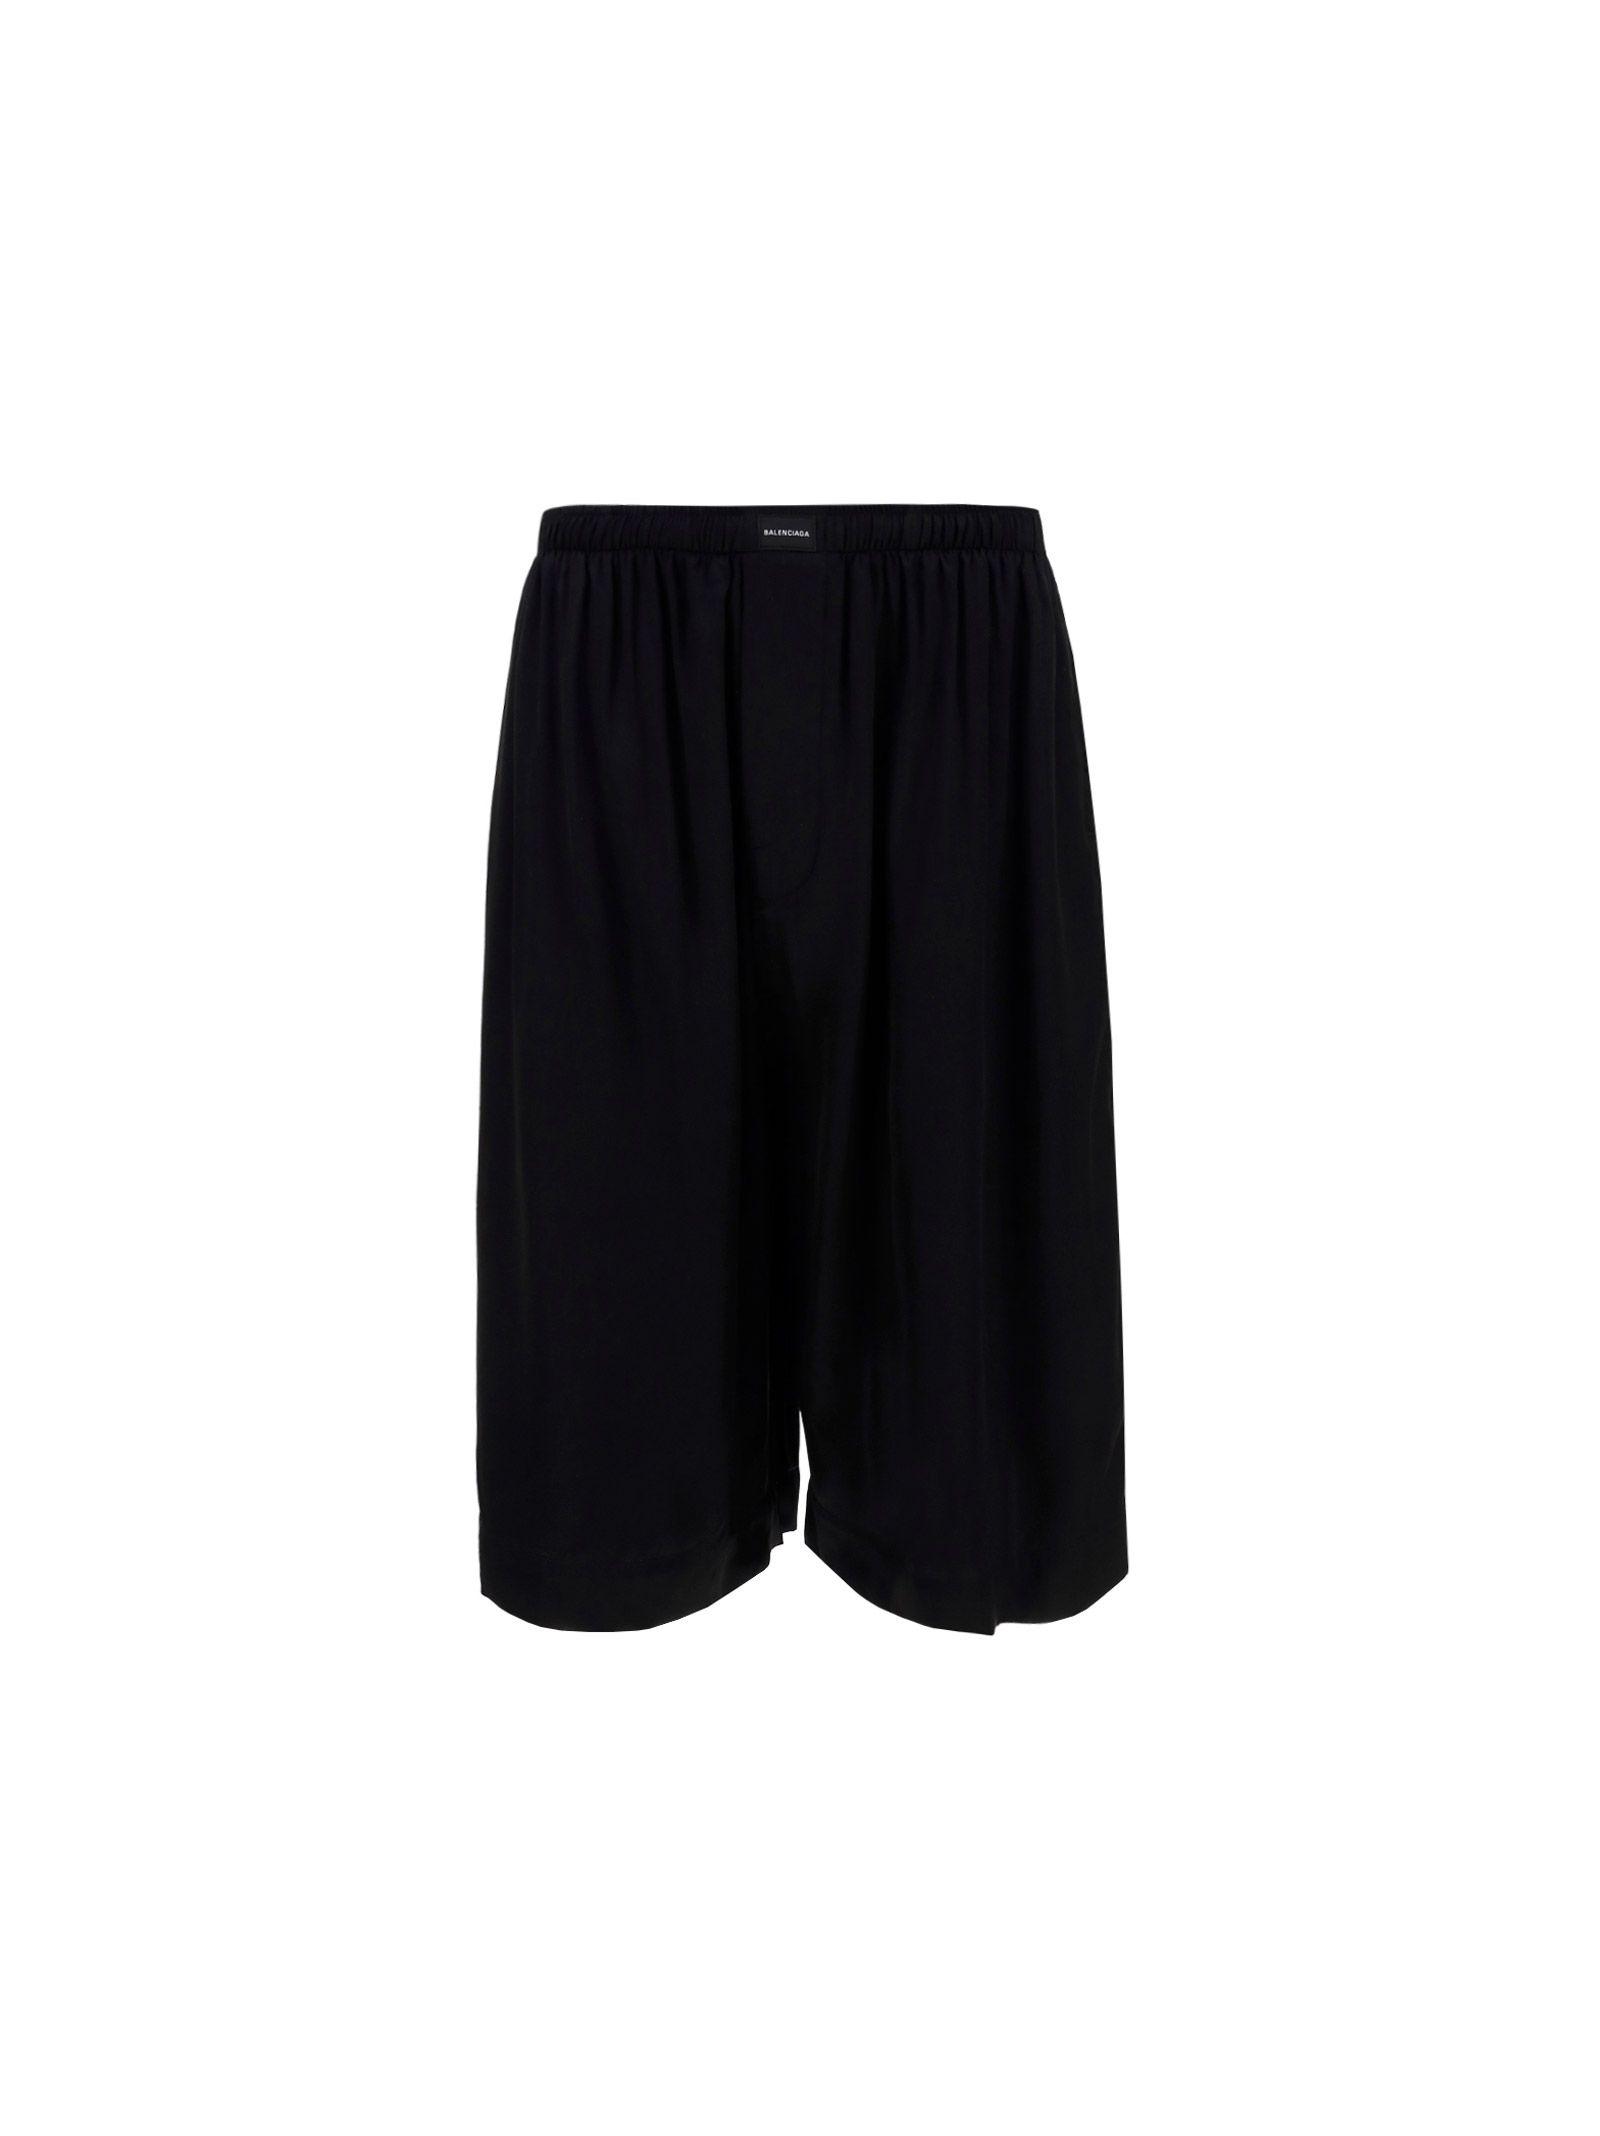 Balenciaga Pajamas BALENCIAGA MEN'S BLACK OTHER MATERIALS SHORTS